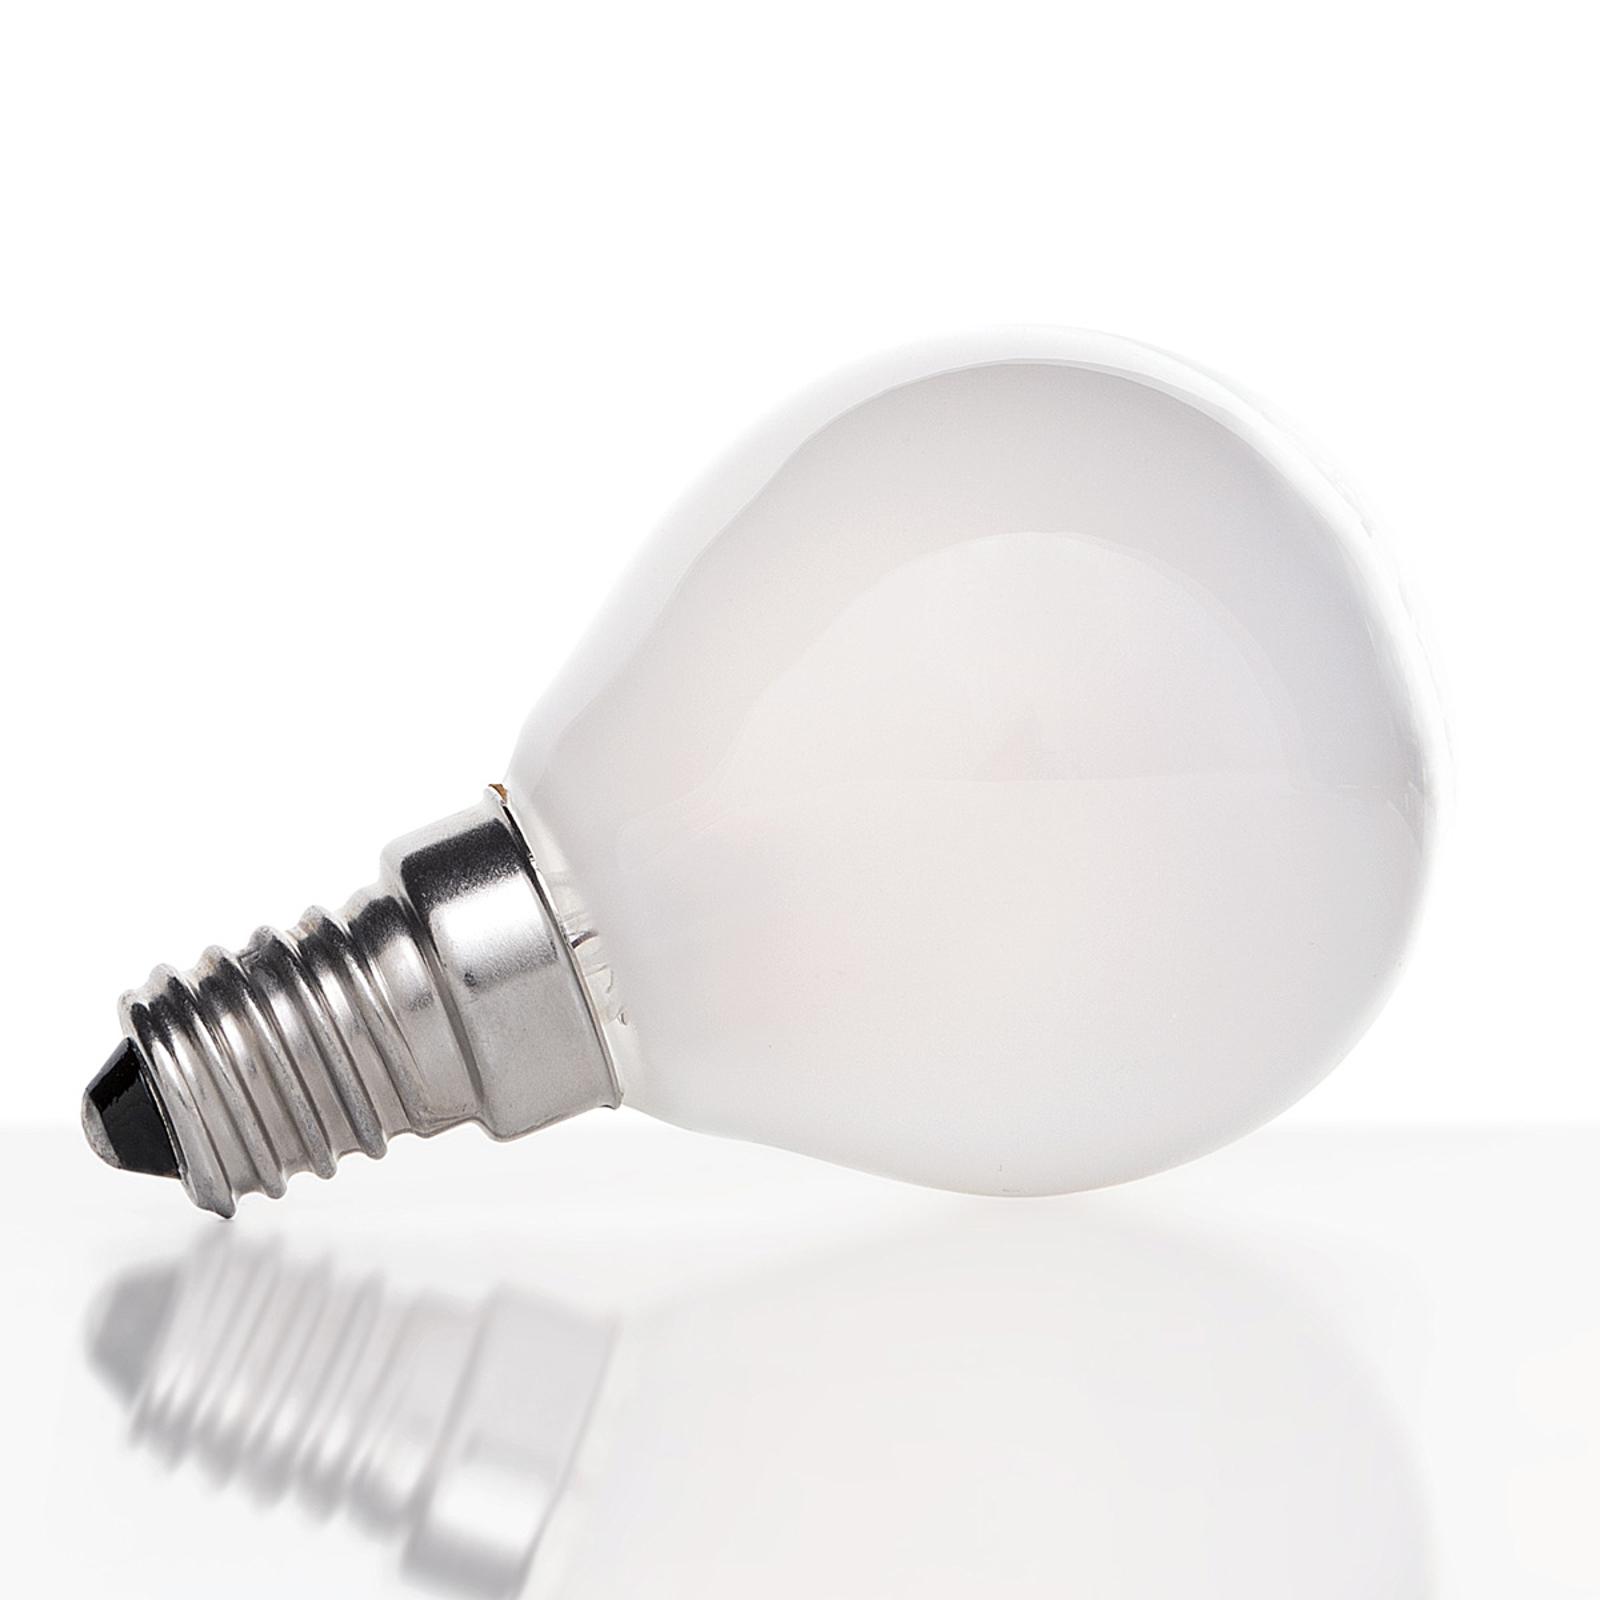 Ampoule goutte LED E14 4W 827, intérieur mat